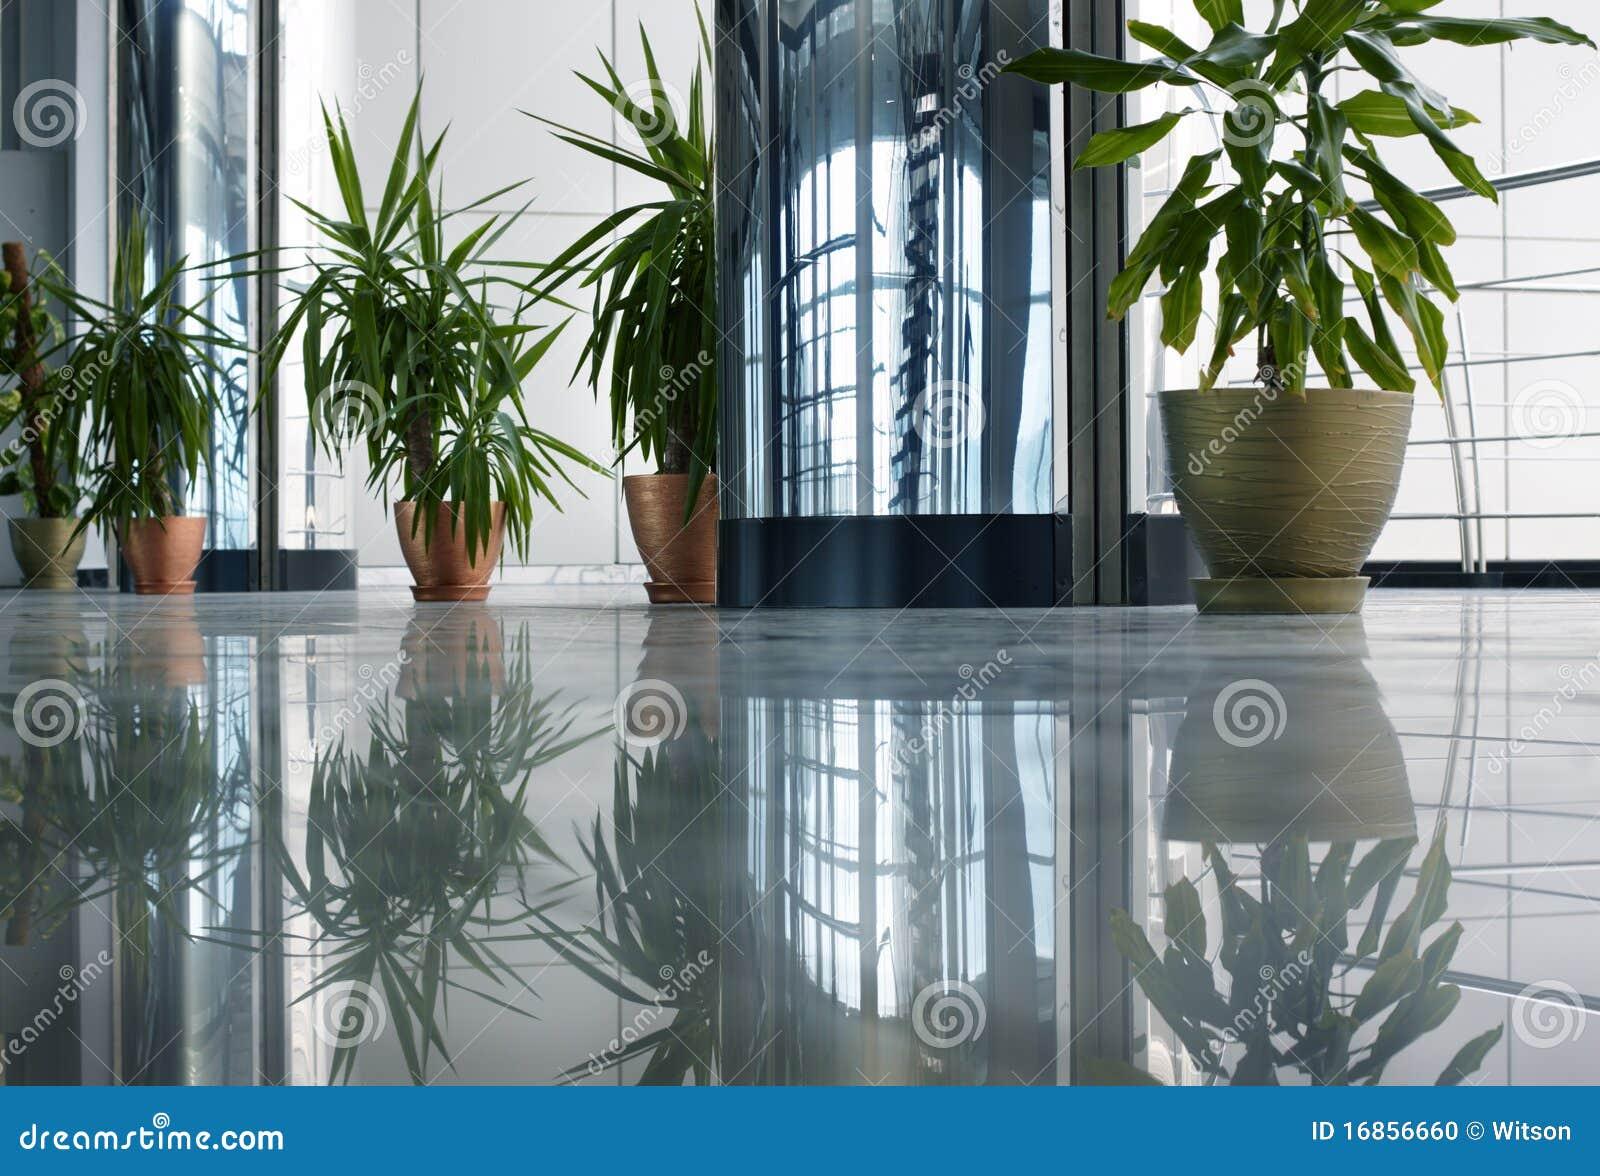 Download Interior foto de stock. Imagem de planta, assoalho, cidade - 16856660